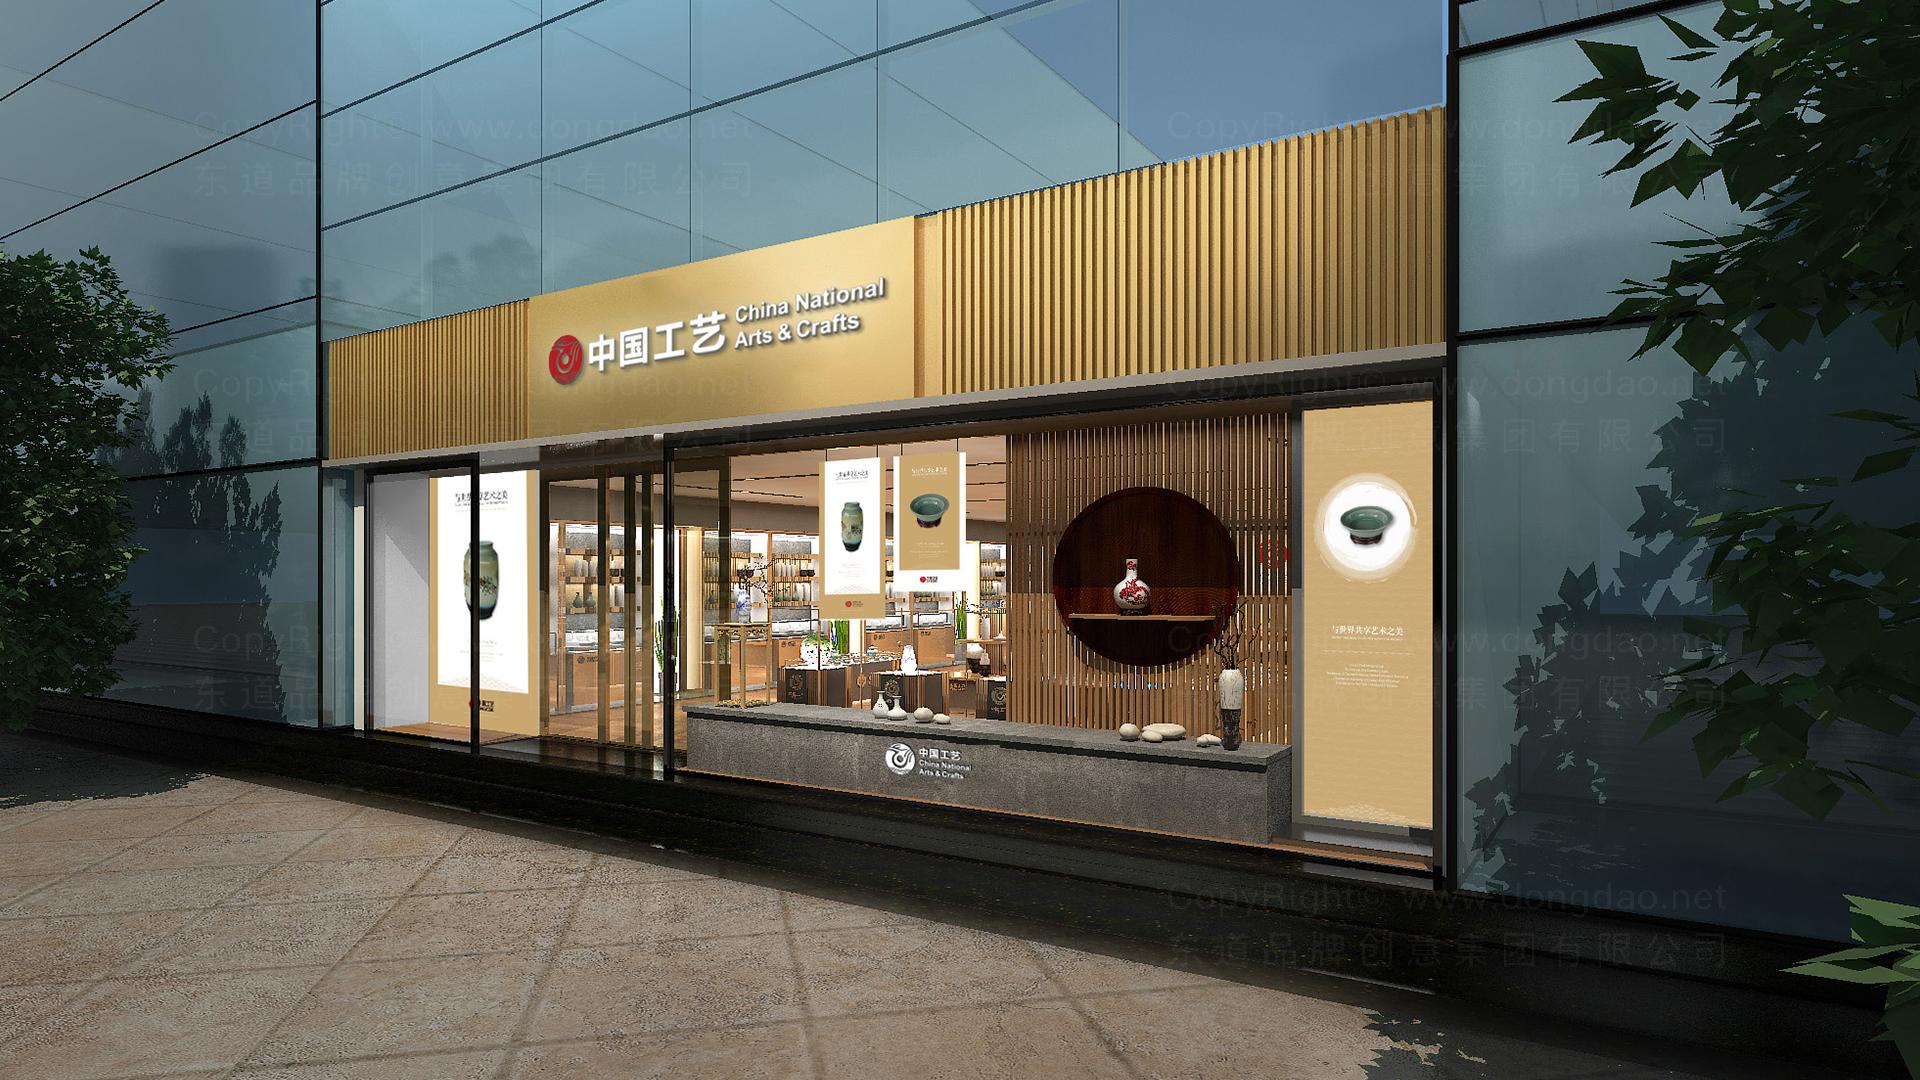 其他商业空间&导示中国工艺集团新零售终端SI设计